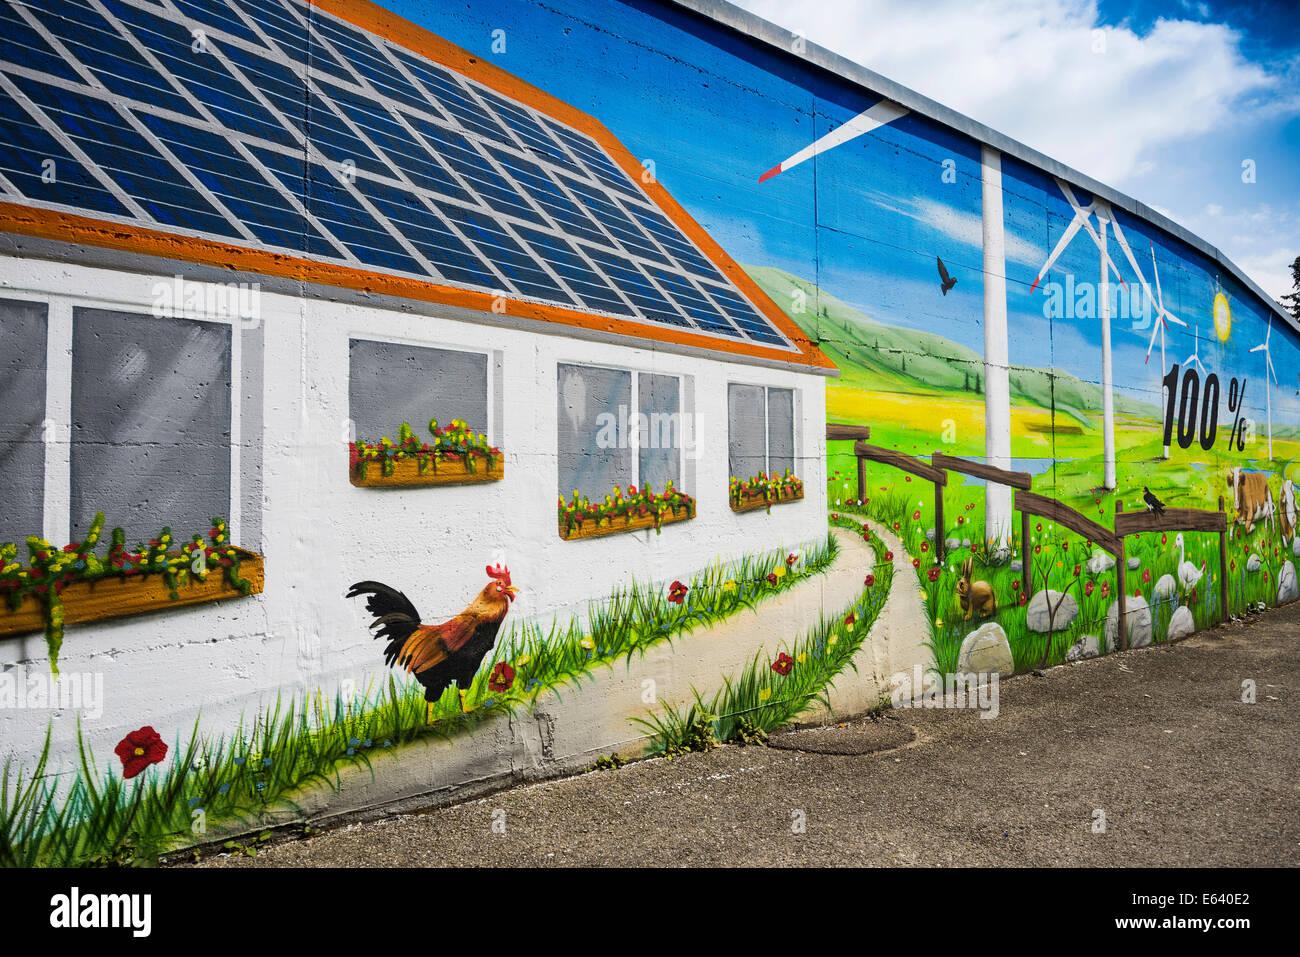 La pared de una casa pintada con un tema, energías renovables, Waldshut-Tiengen Tiengen, Baden-Württemberg, Imagen De Stock